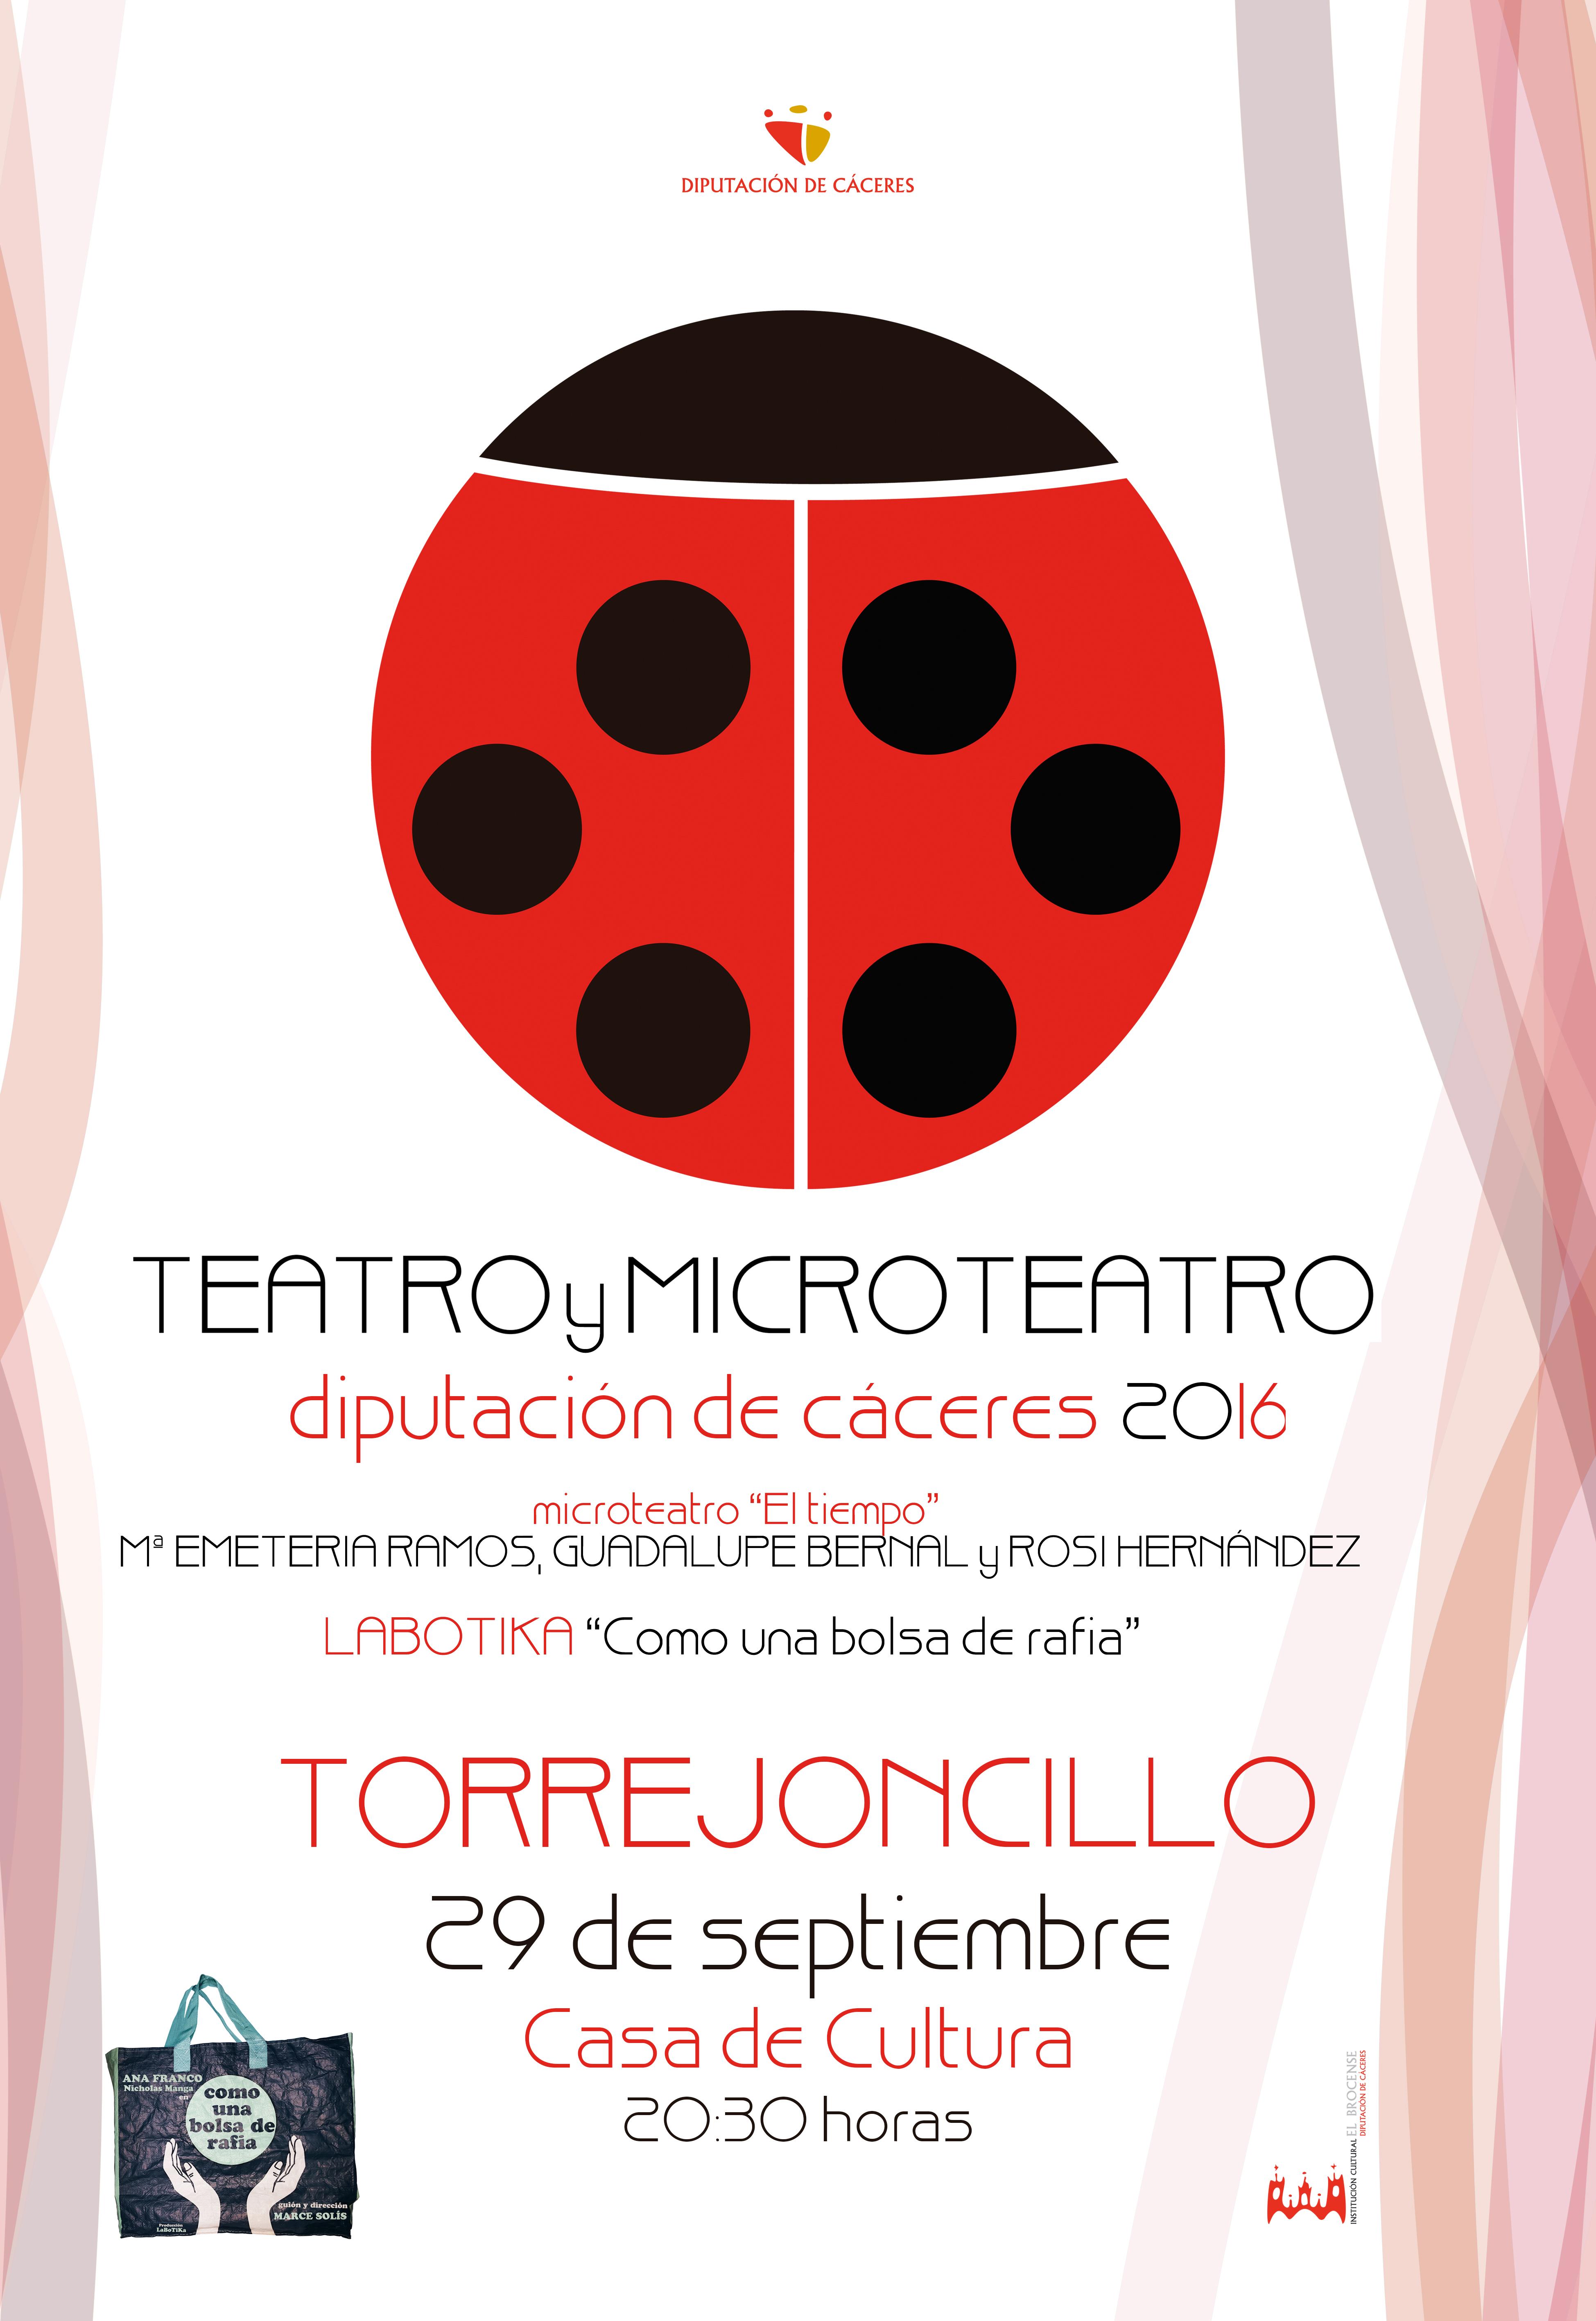 Teatro y Microteatro hoy en la Casa de Cultura